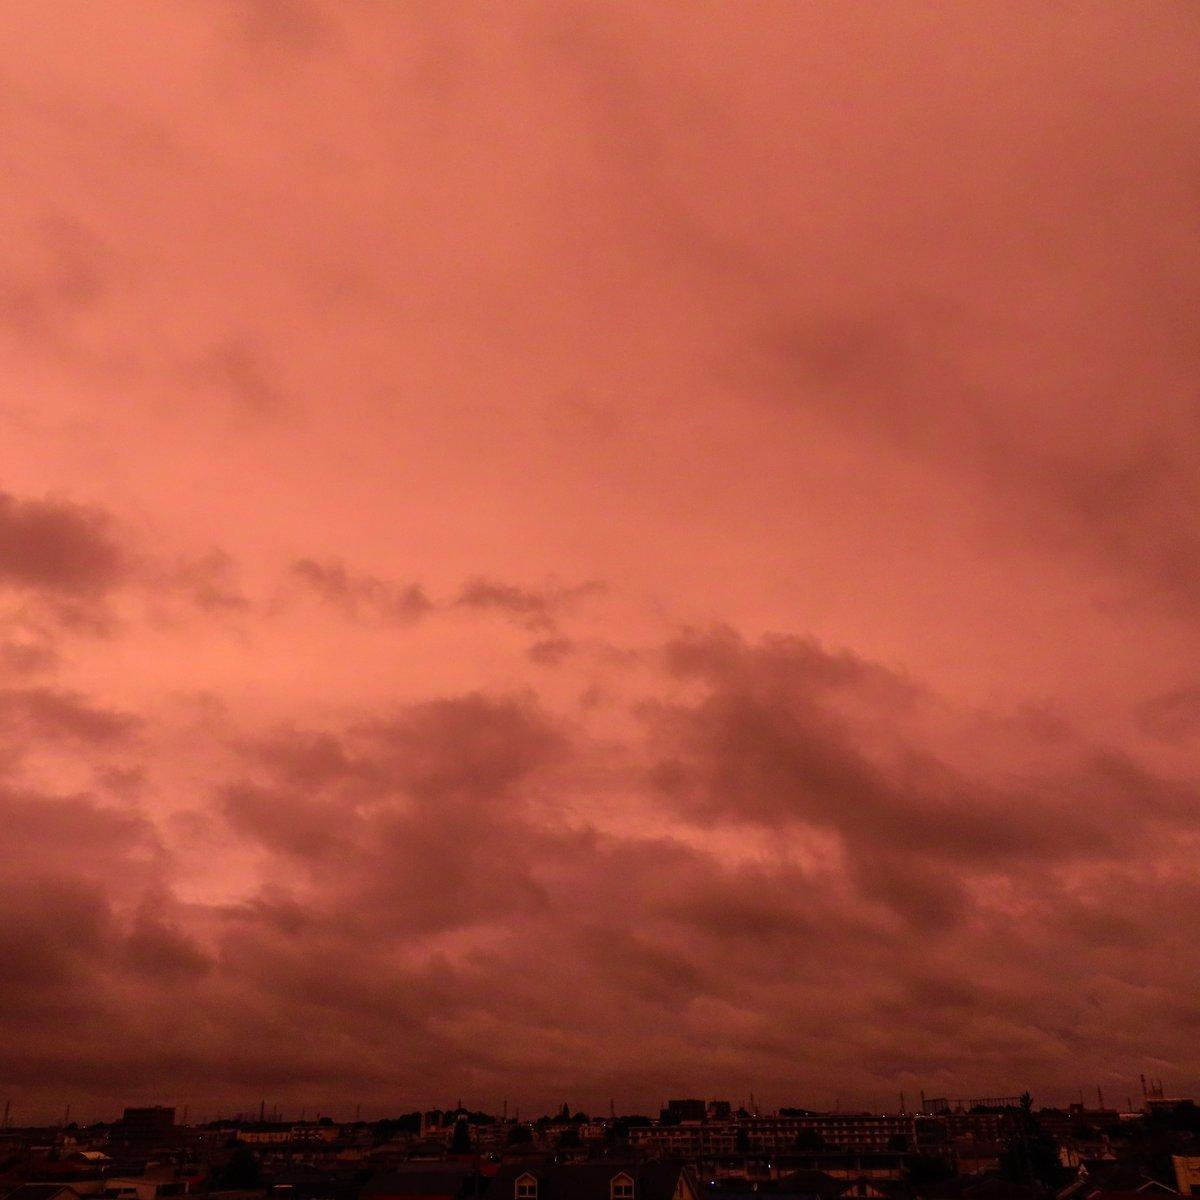 #evening #glow #sky #cloud https://t.co/KvplfEuJQW